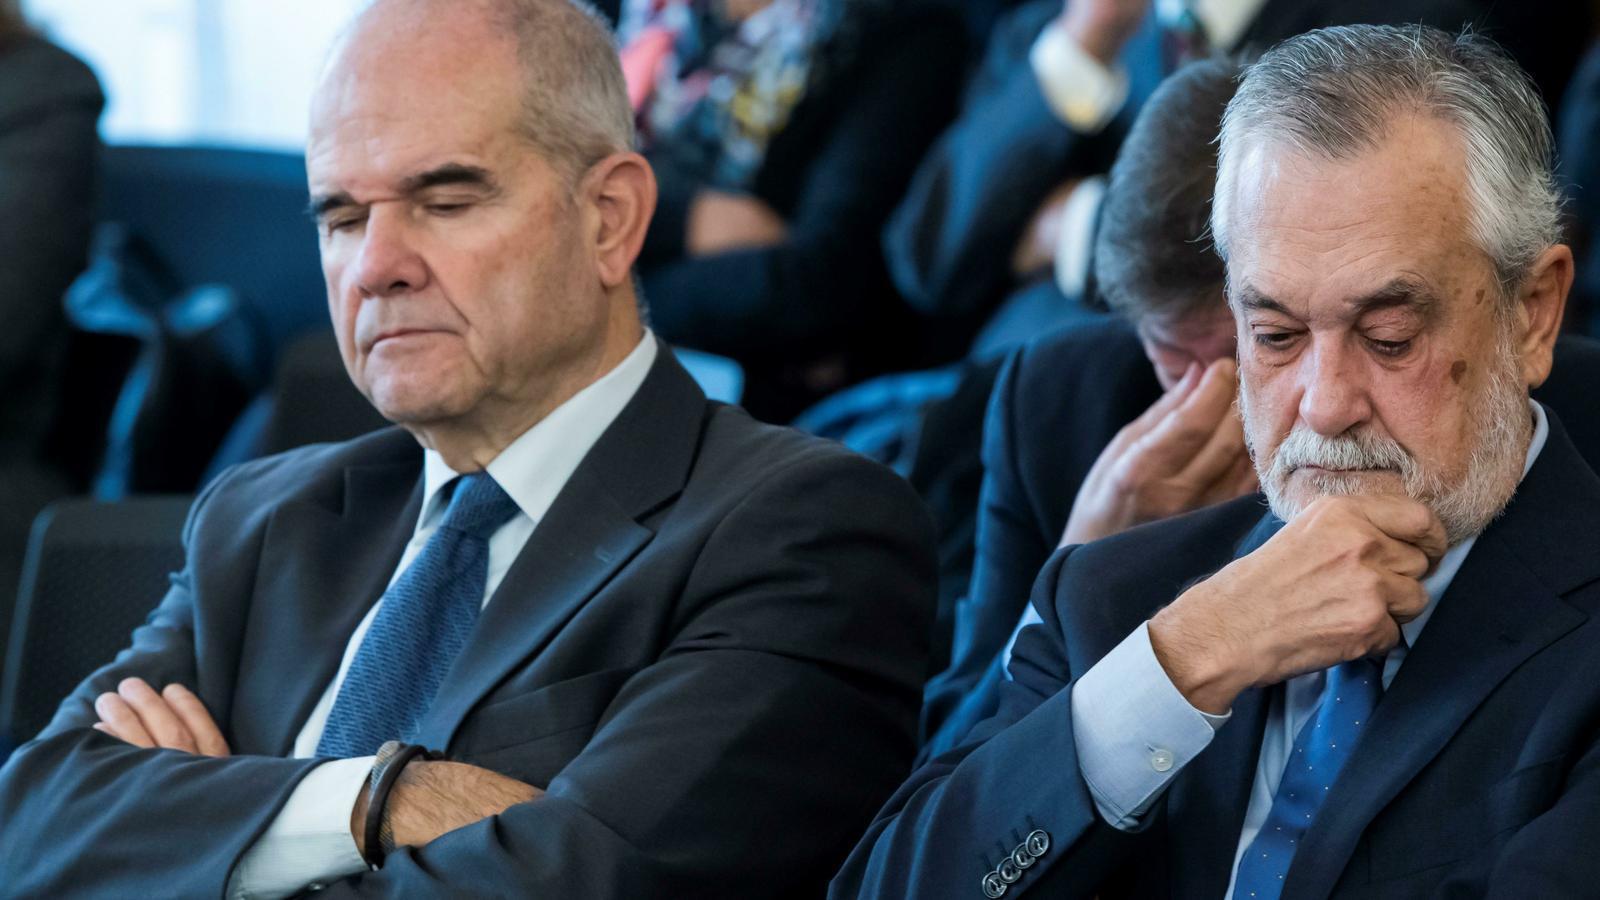 Els expresidents de la Junta d'Andalusia Manuel Chaves i José Antonio Griñán, en l'última sessió del judici contra els ERO